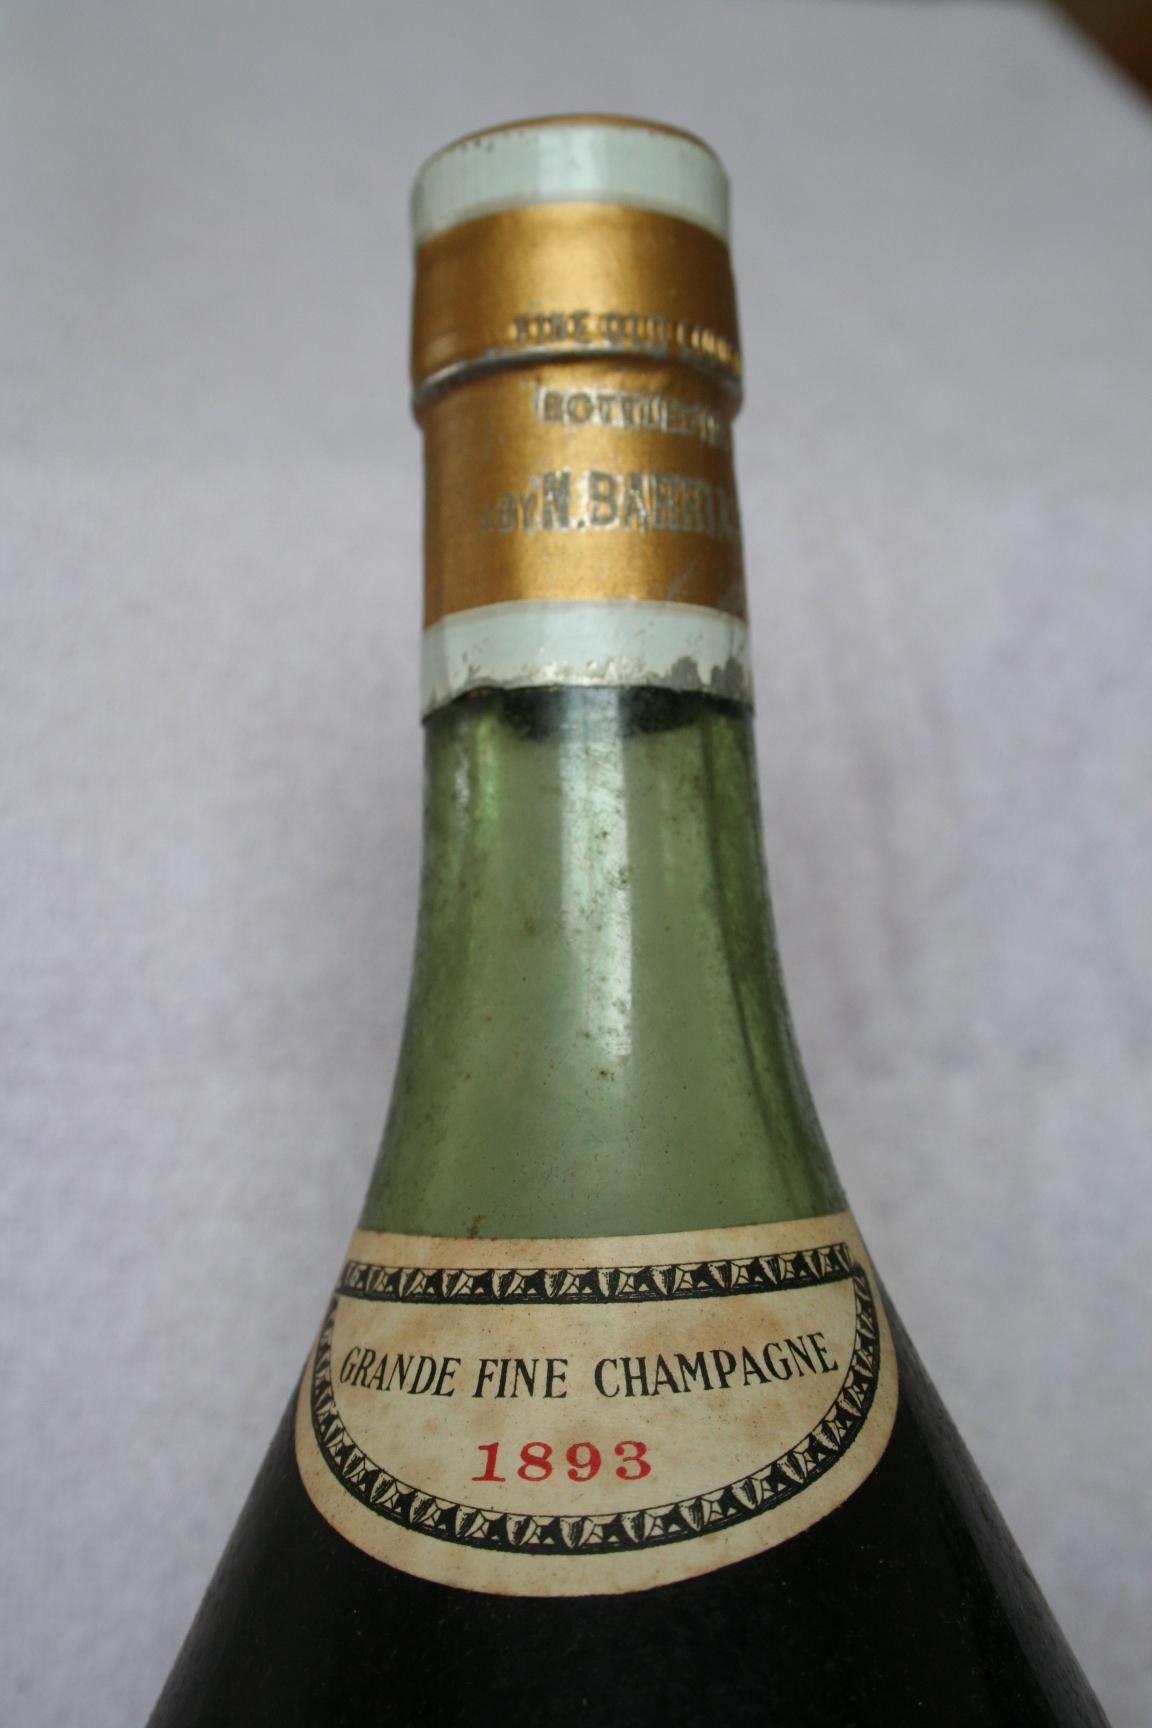 Barriasson bottle neck Cognac